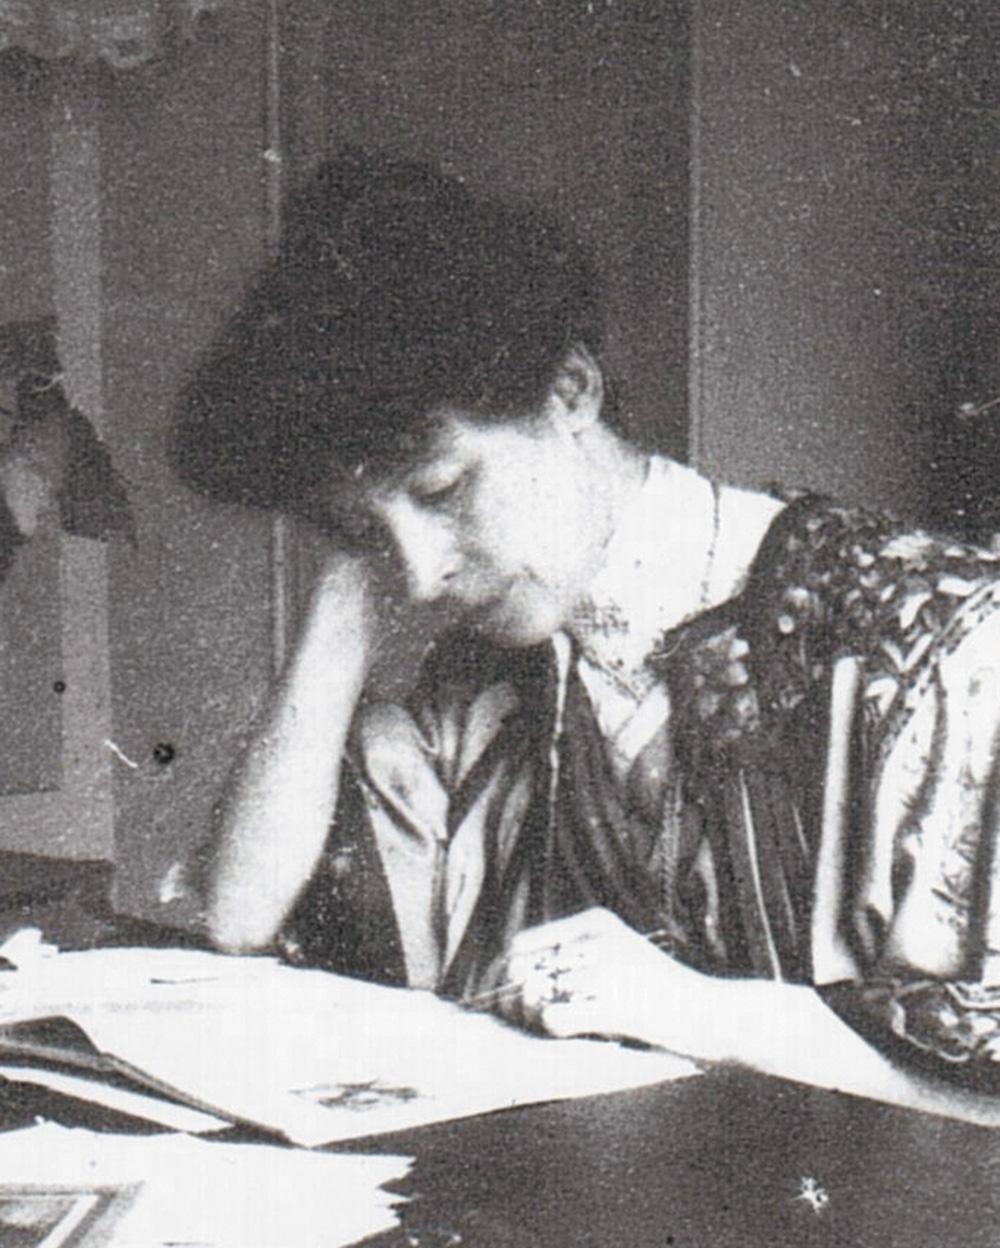 Détail de: Marcelle Tinayre chez elle à Paris, années 1890, cliché anonyme, collection particulière